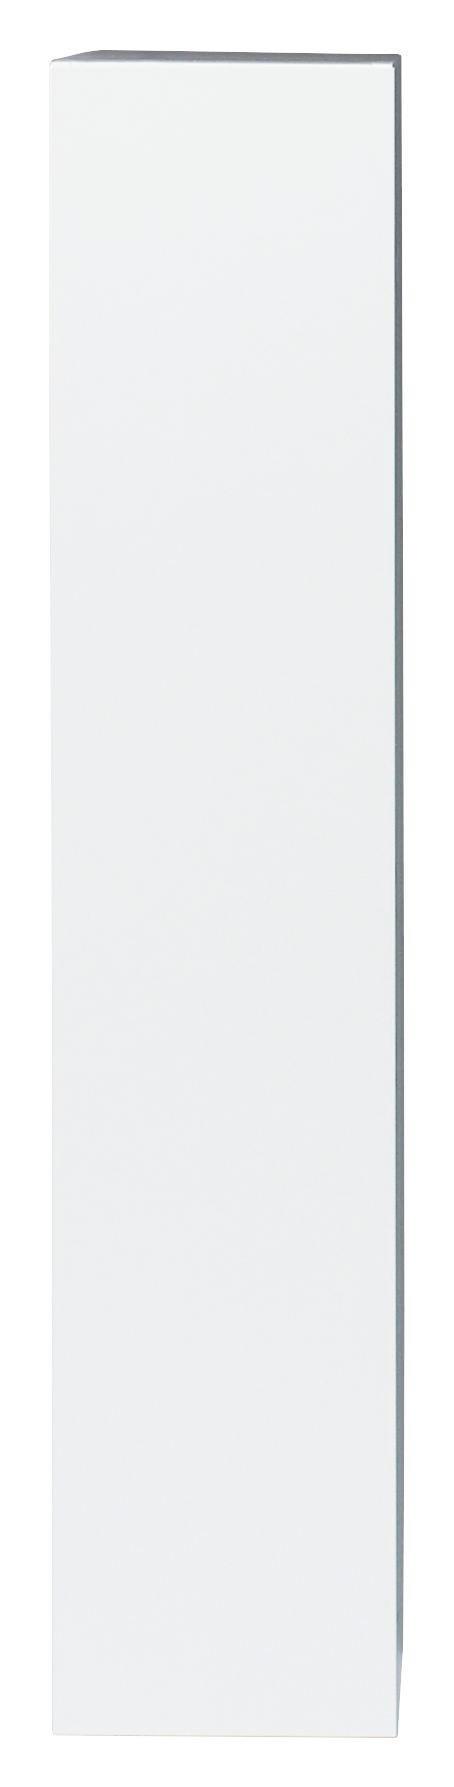 HÄNGEELEMENT Weiß - Weiß, Design, Holz (139/29/31cm) - Carryhome